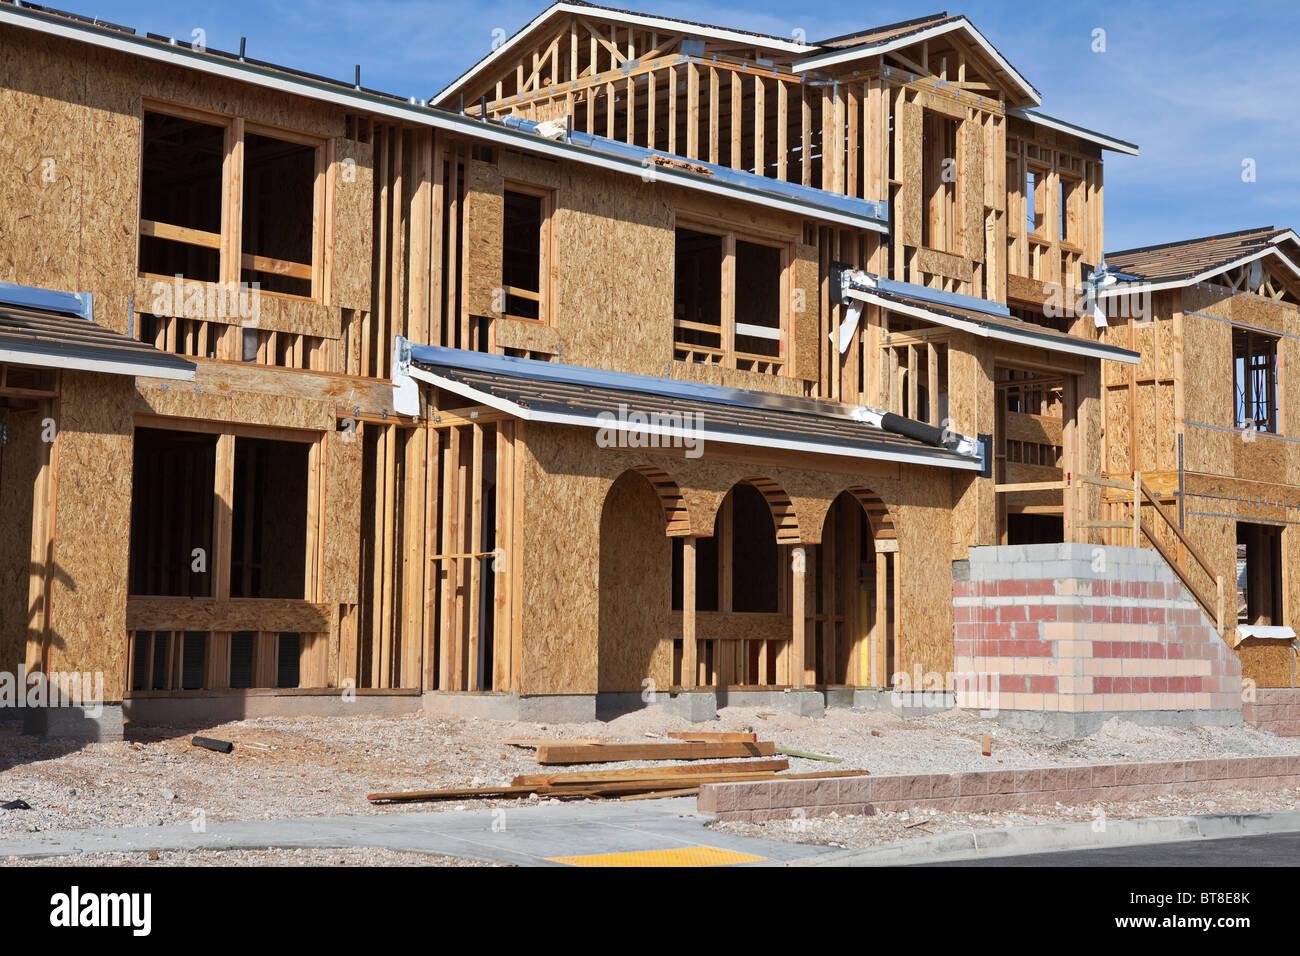 Solide gebaut, modernen Hausbau im Westen der Vereinigten Staaten. Stockbild